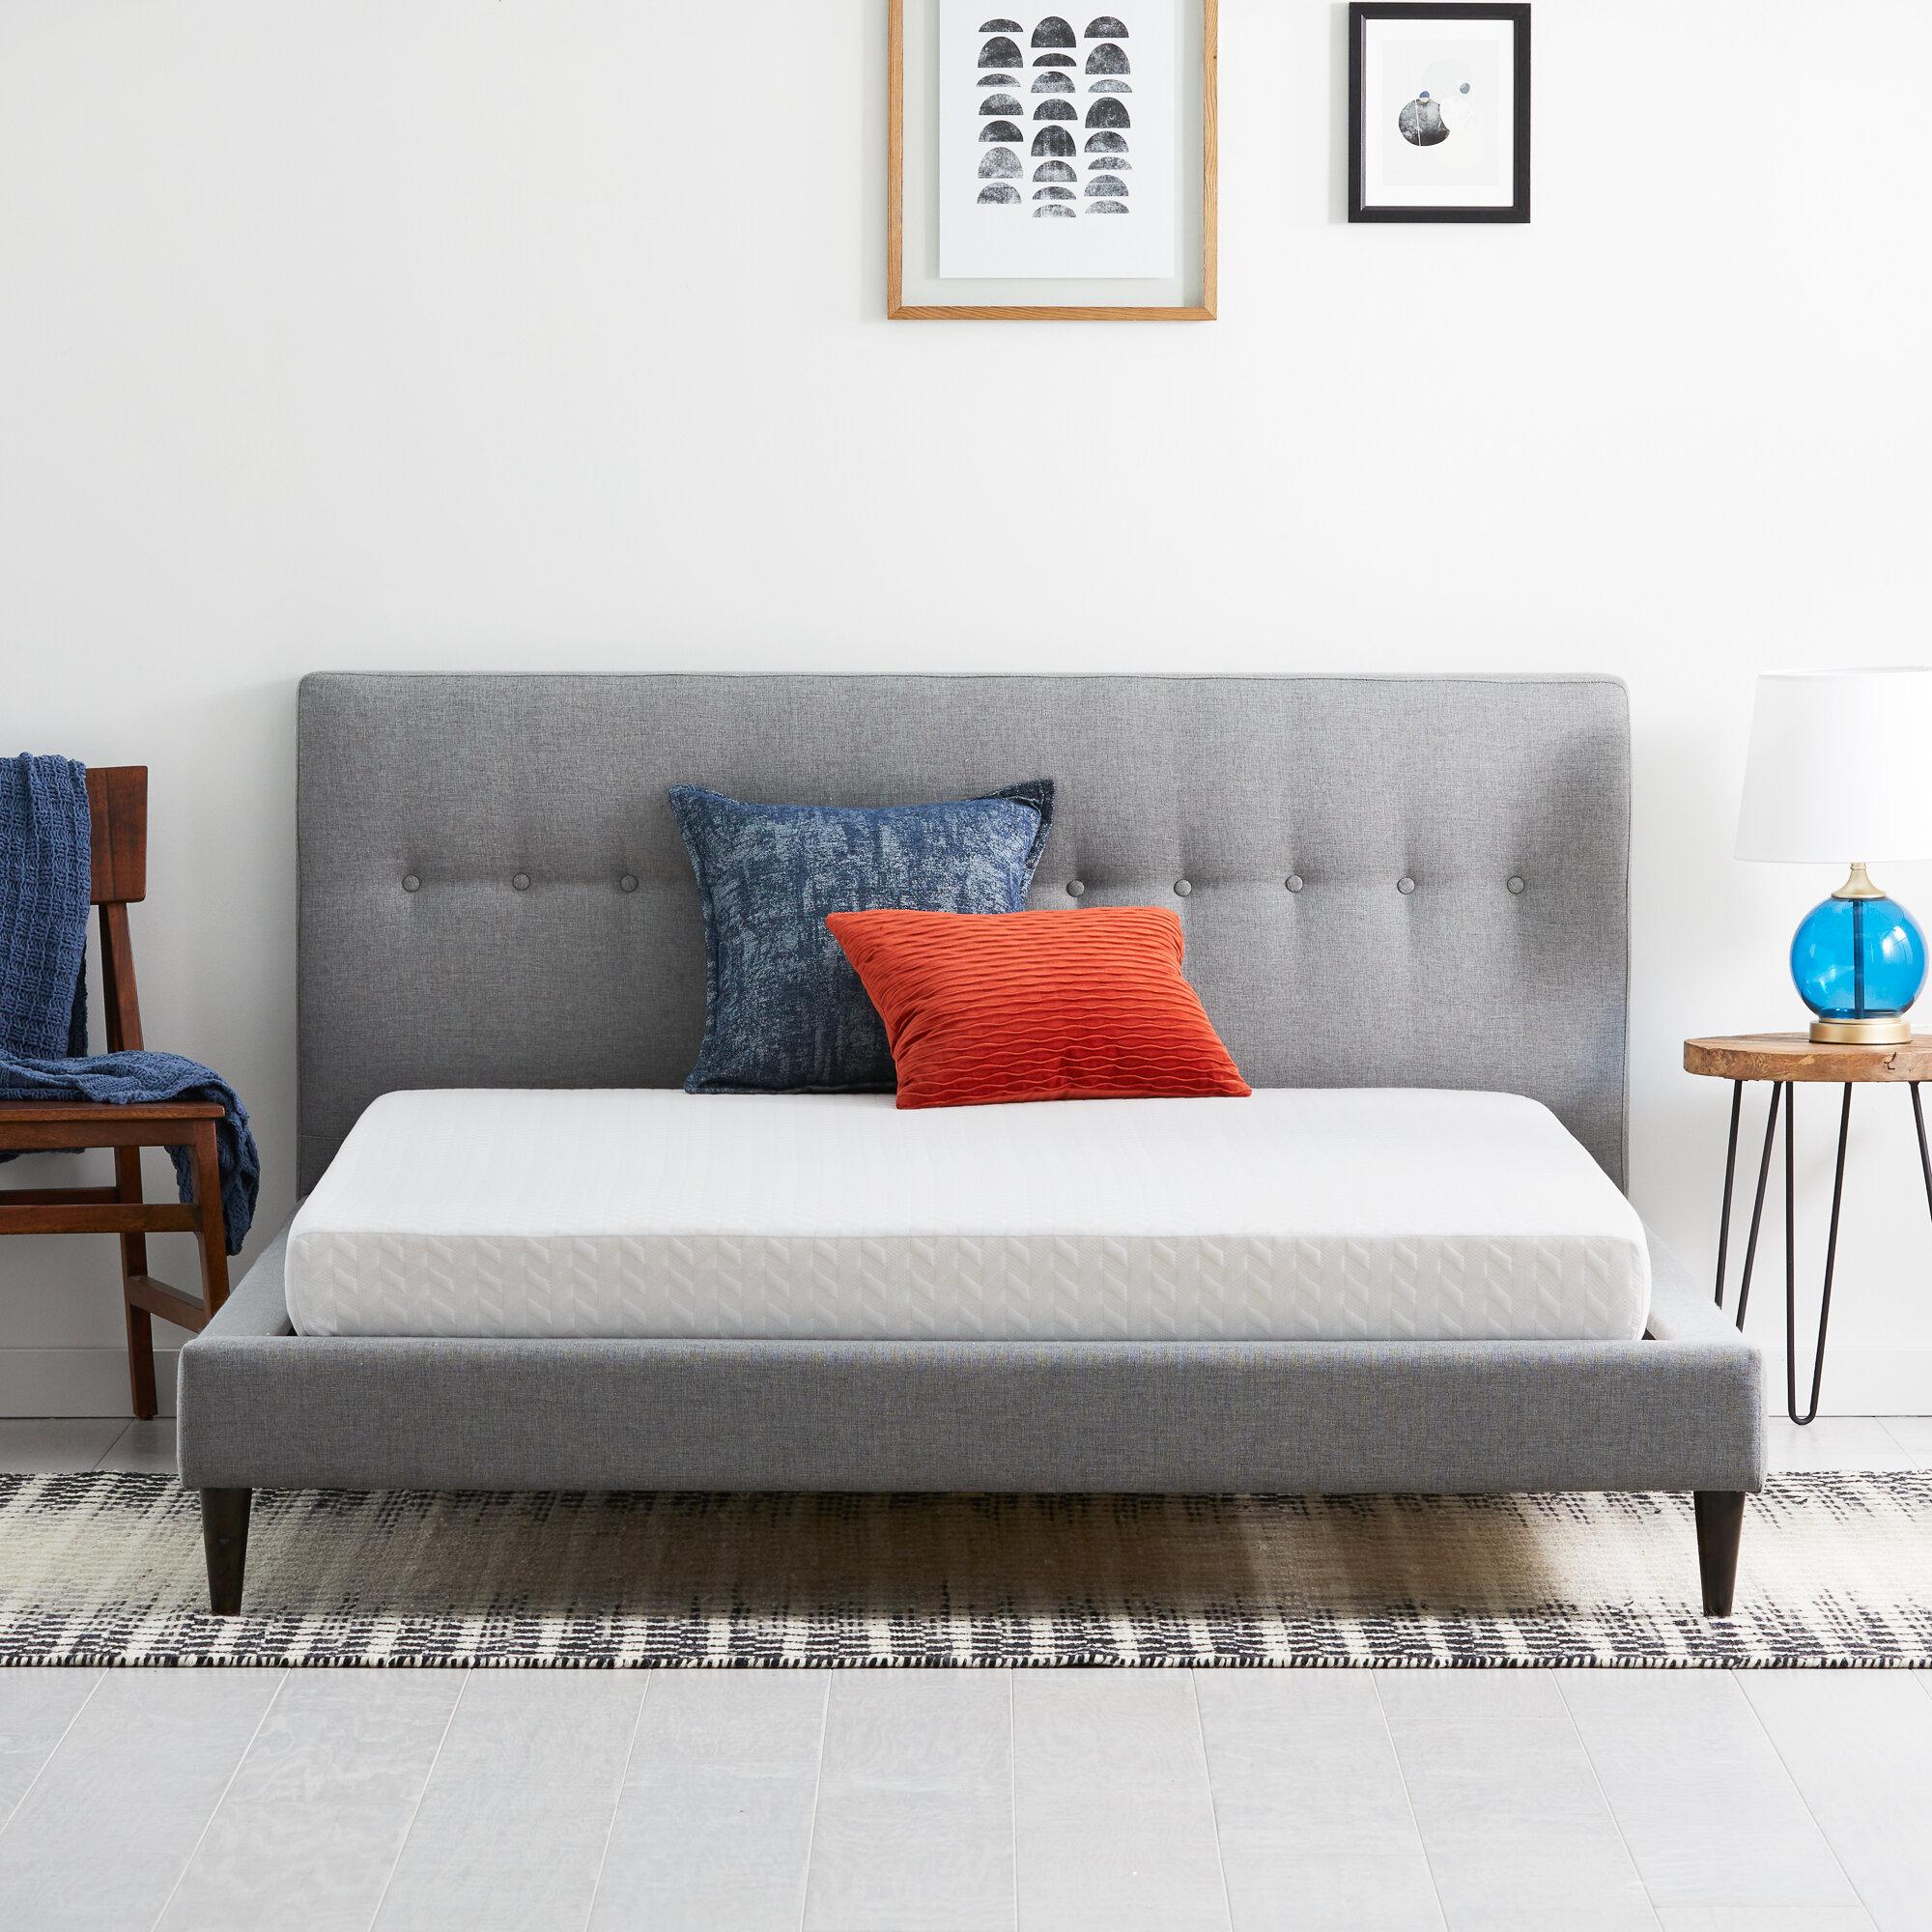 Omne Sleep 5-inch Twin-size Memory Foam Mattress